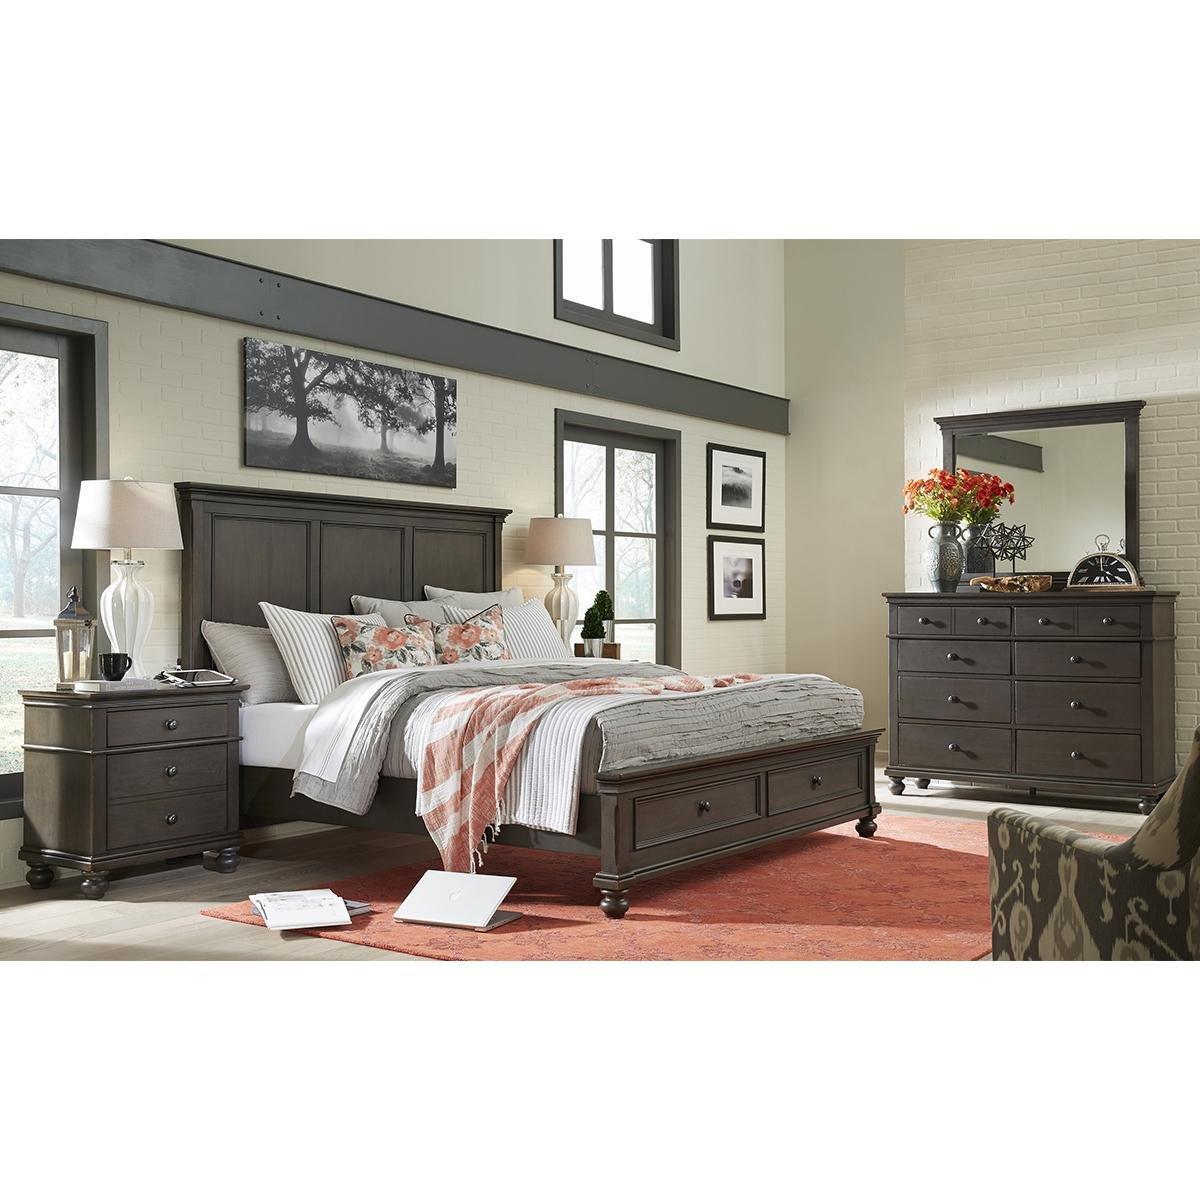 Nebraska Furniture Mart Bedroom Set New Riva Ridge Oxford 4 Piece Queen Bedroom Set In Peppercorn